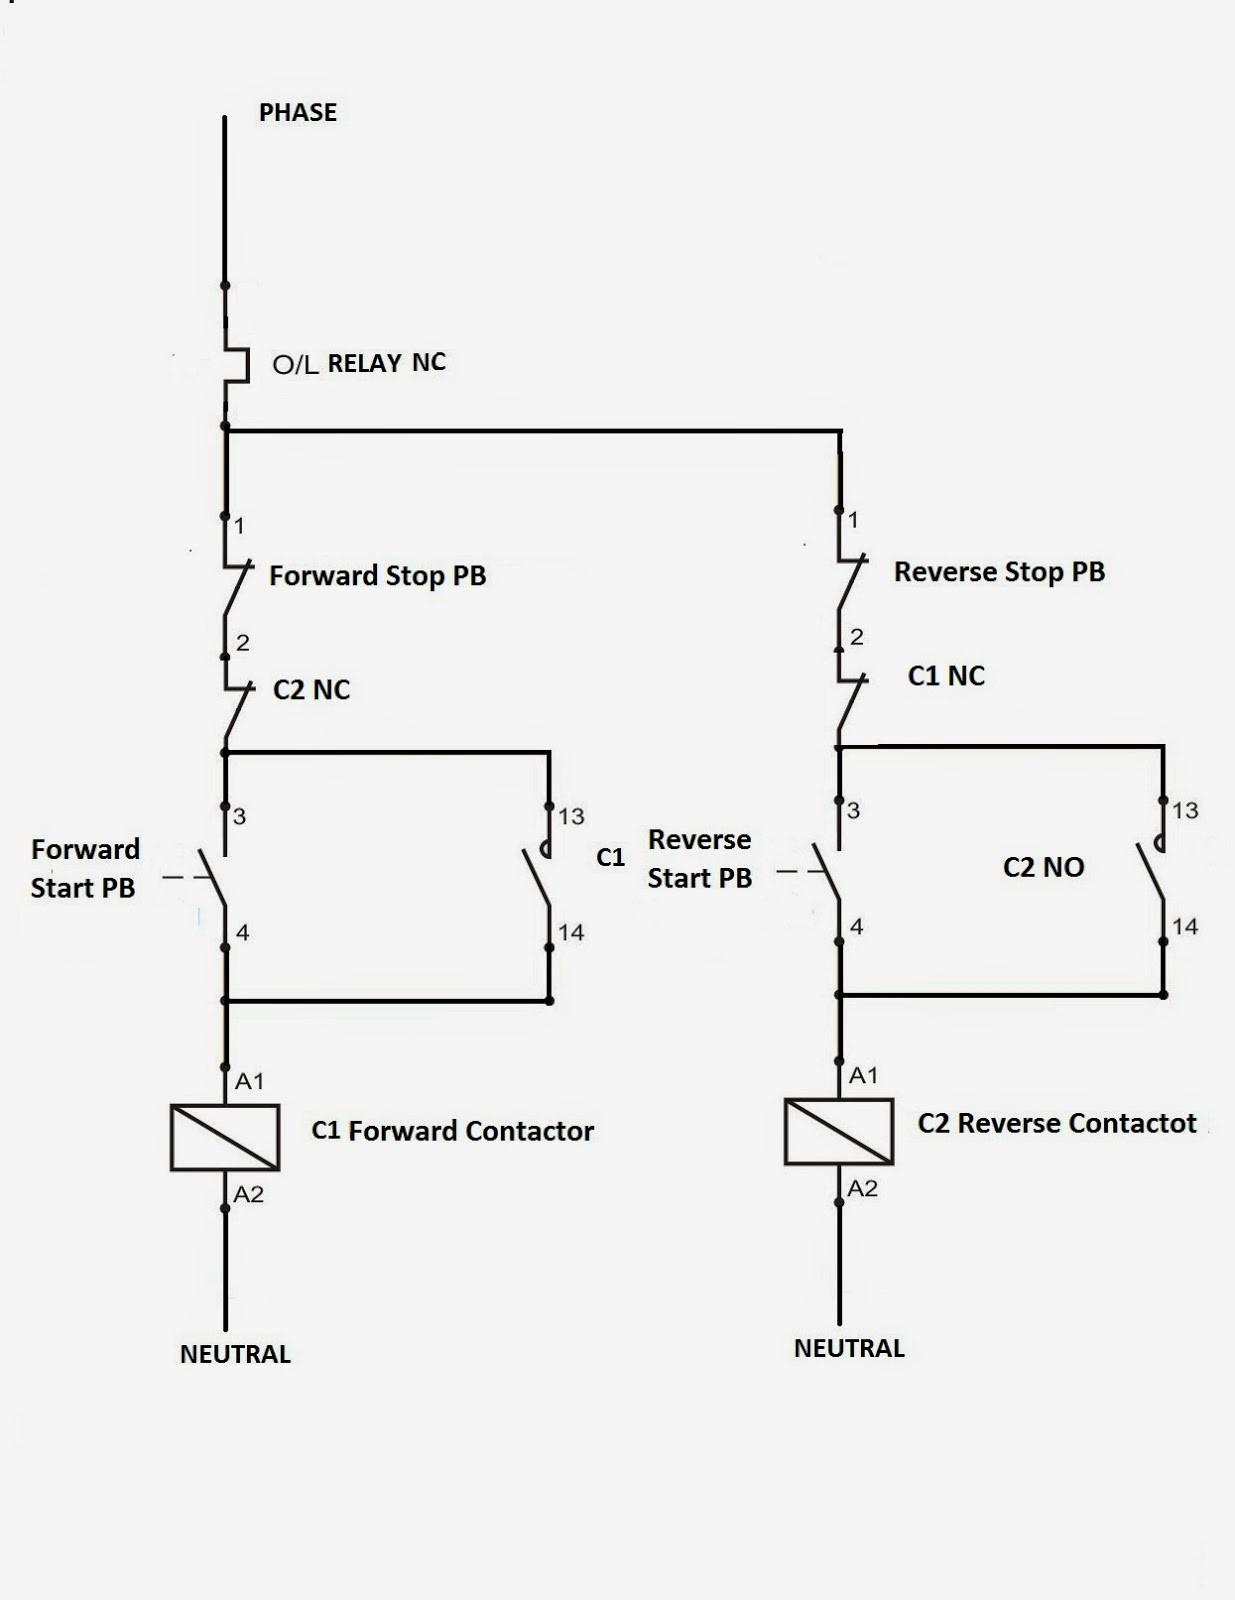 Single Phase Reversing Motor Wiring Diagram forward and Reverse Circuit Diagram Zen Electrical Standards Direct Of Single Phase Reversing Motor Wiring Diagram